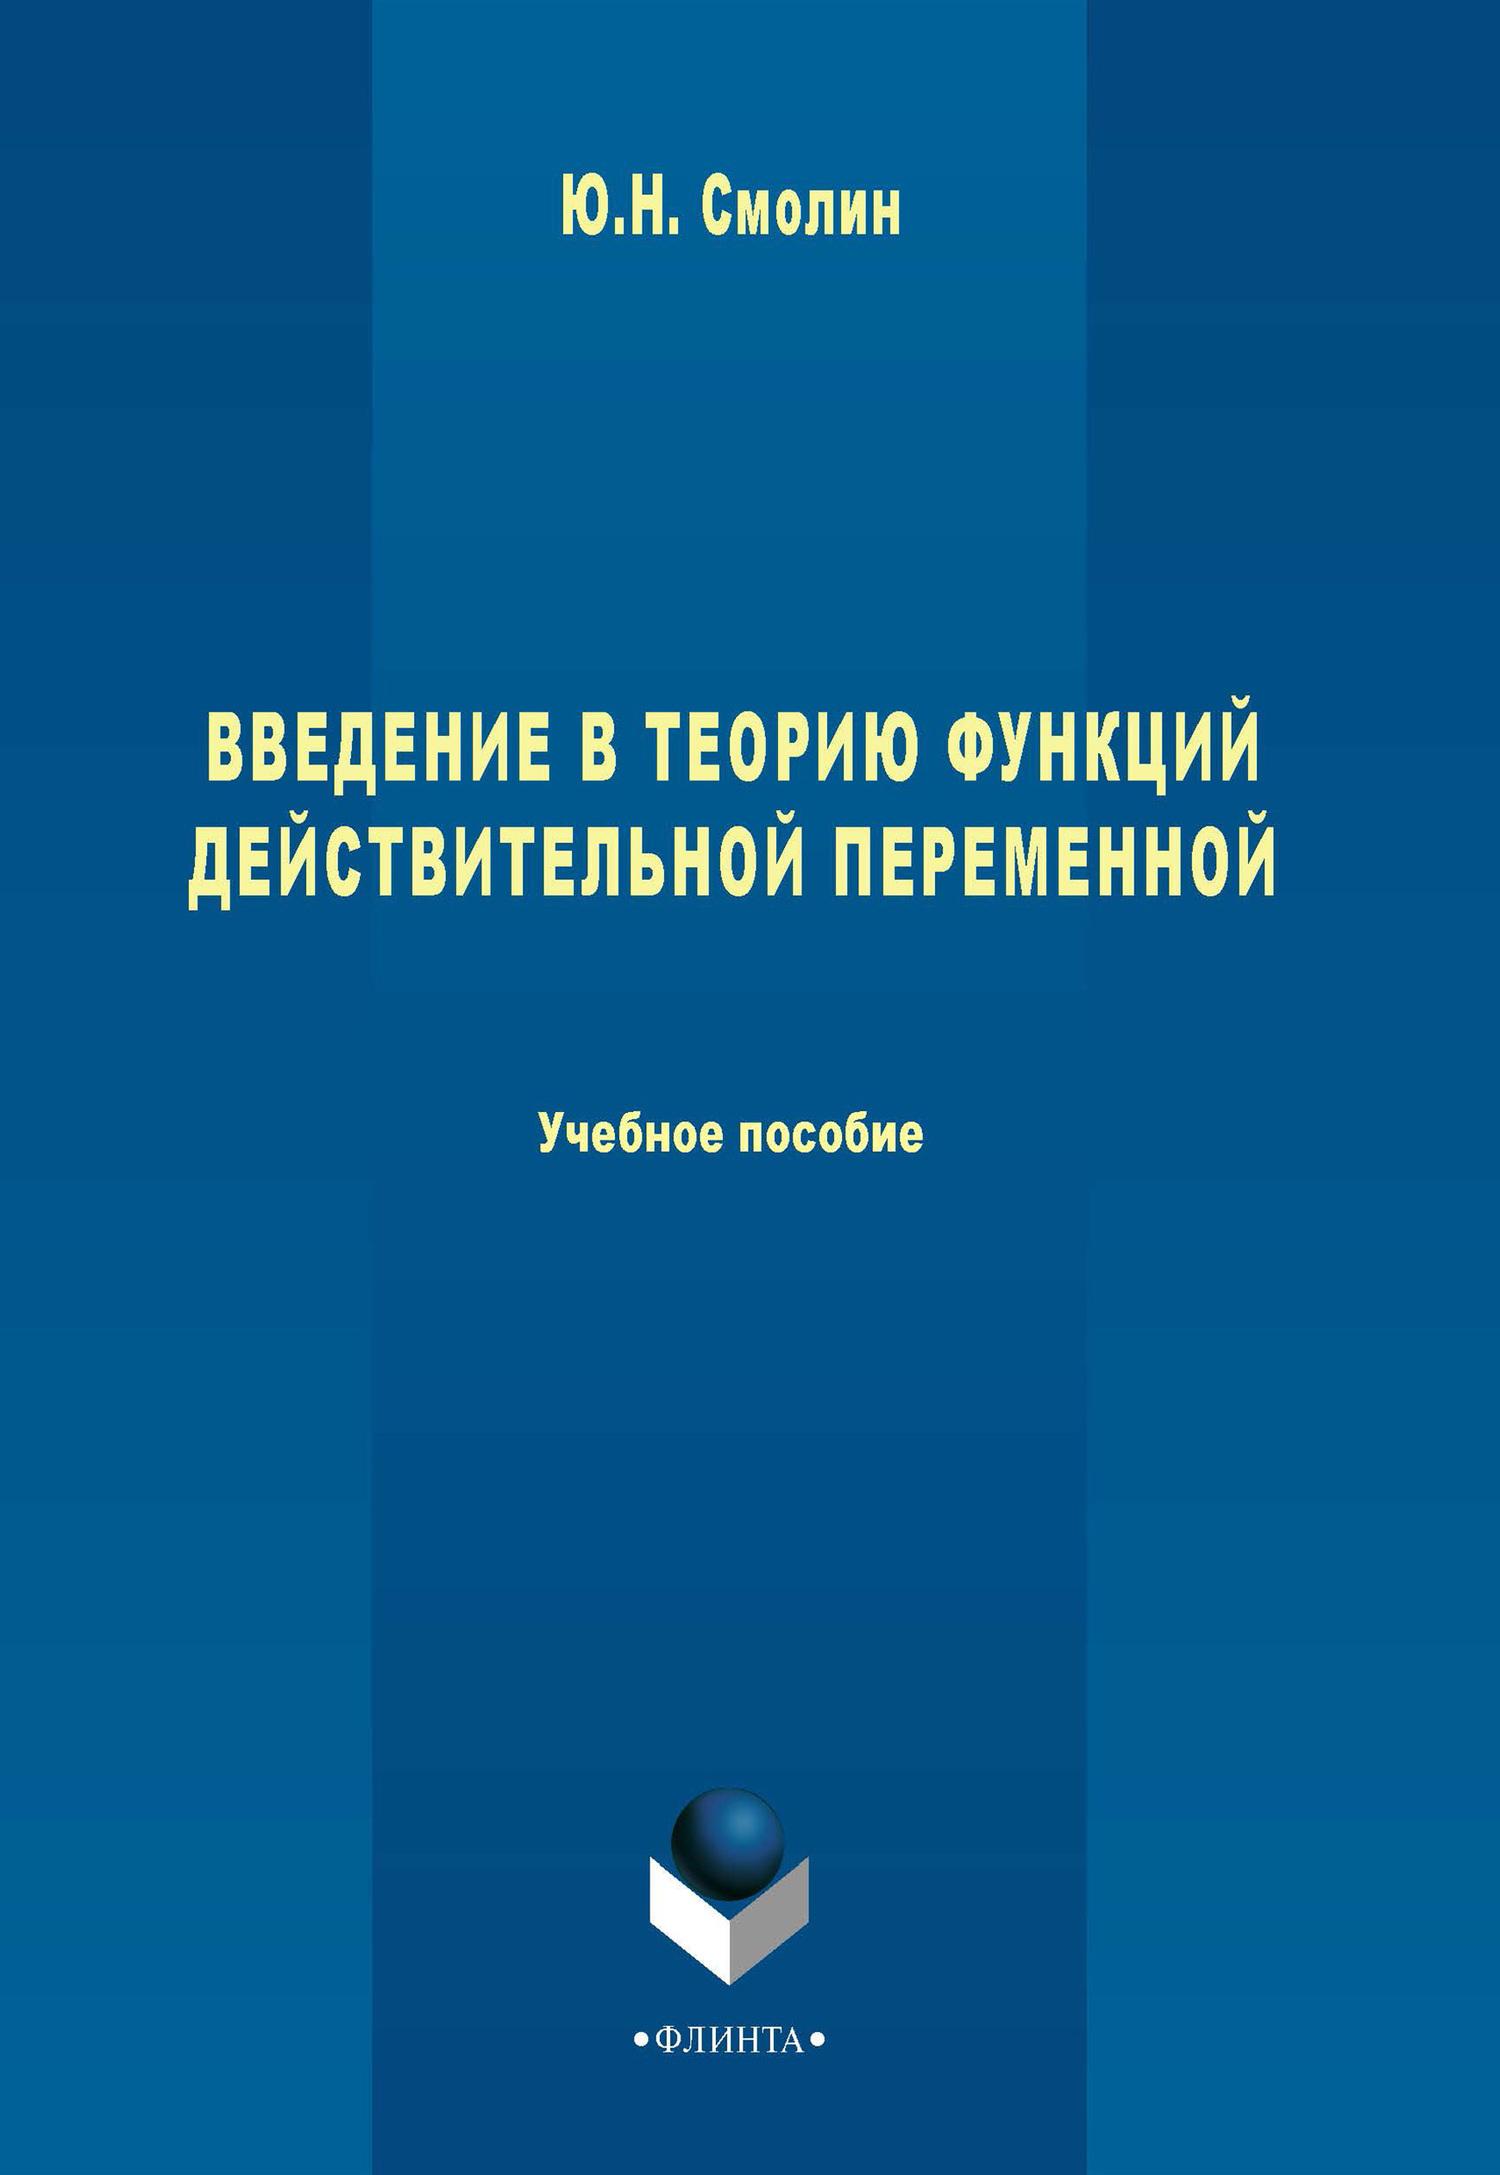 Ю. Н. Смолин Введение в теорию функций действительной переменной. Учебное пособие паньженский в введение в дифференциальную геометрию учебное пособие